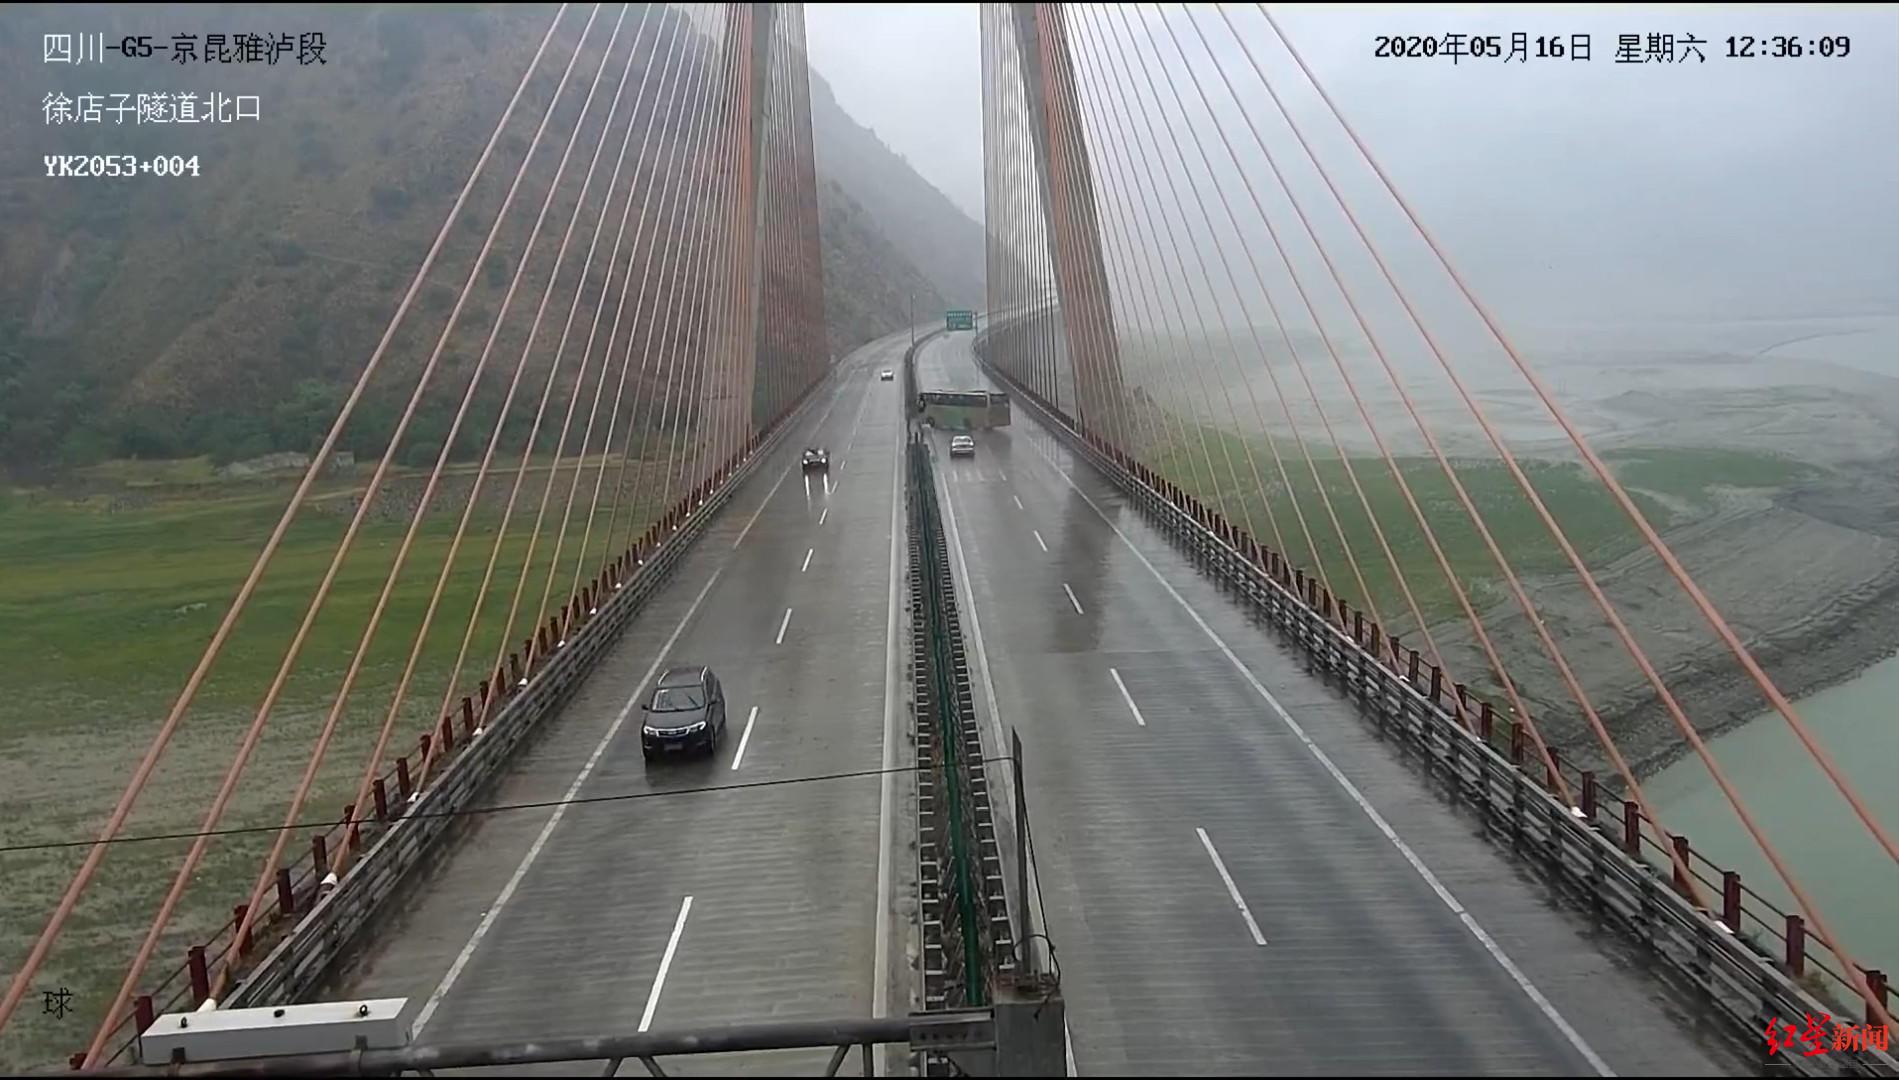 【百度推广技巧】_四川雅西高速客车侧翻致6死29伤 司机获刑6年